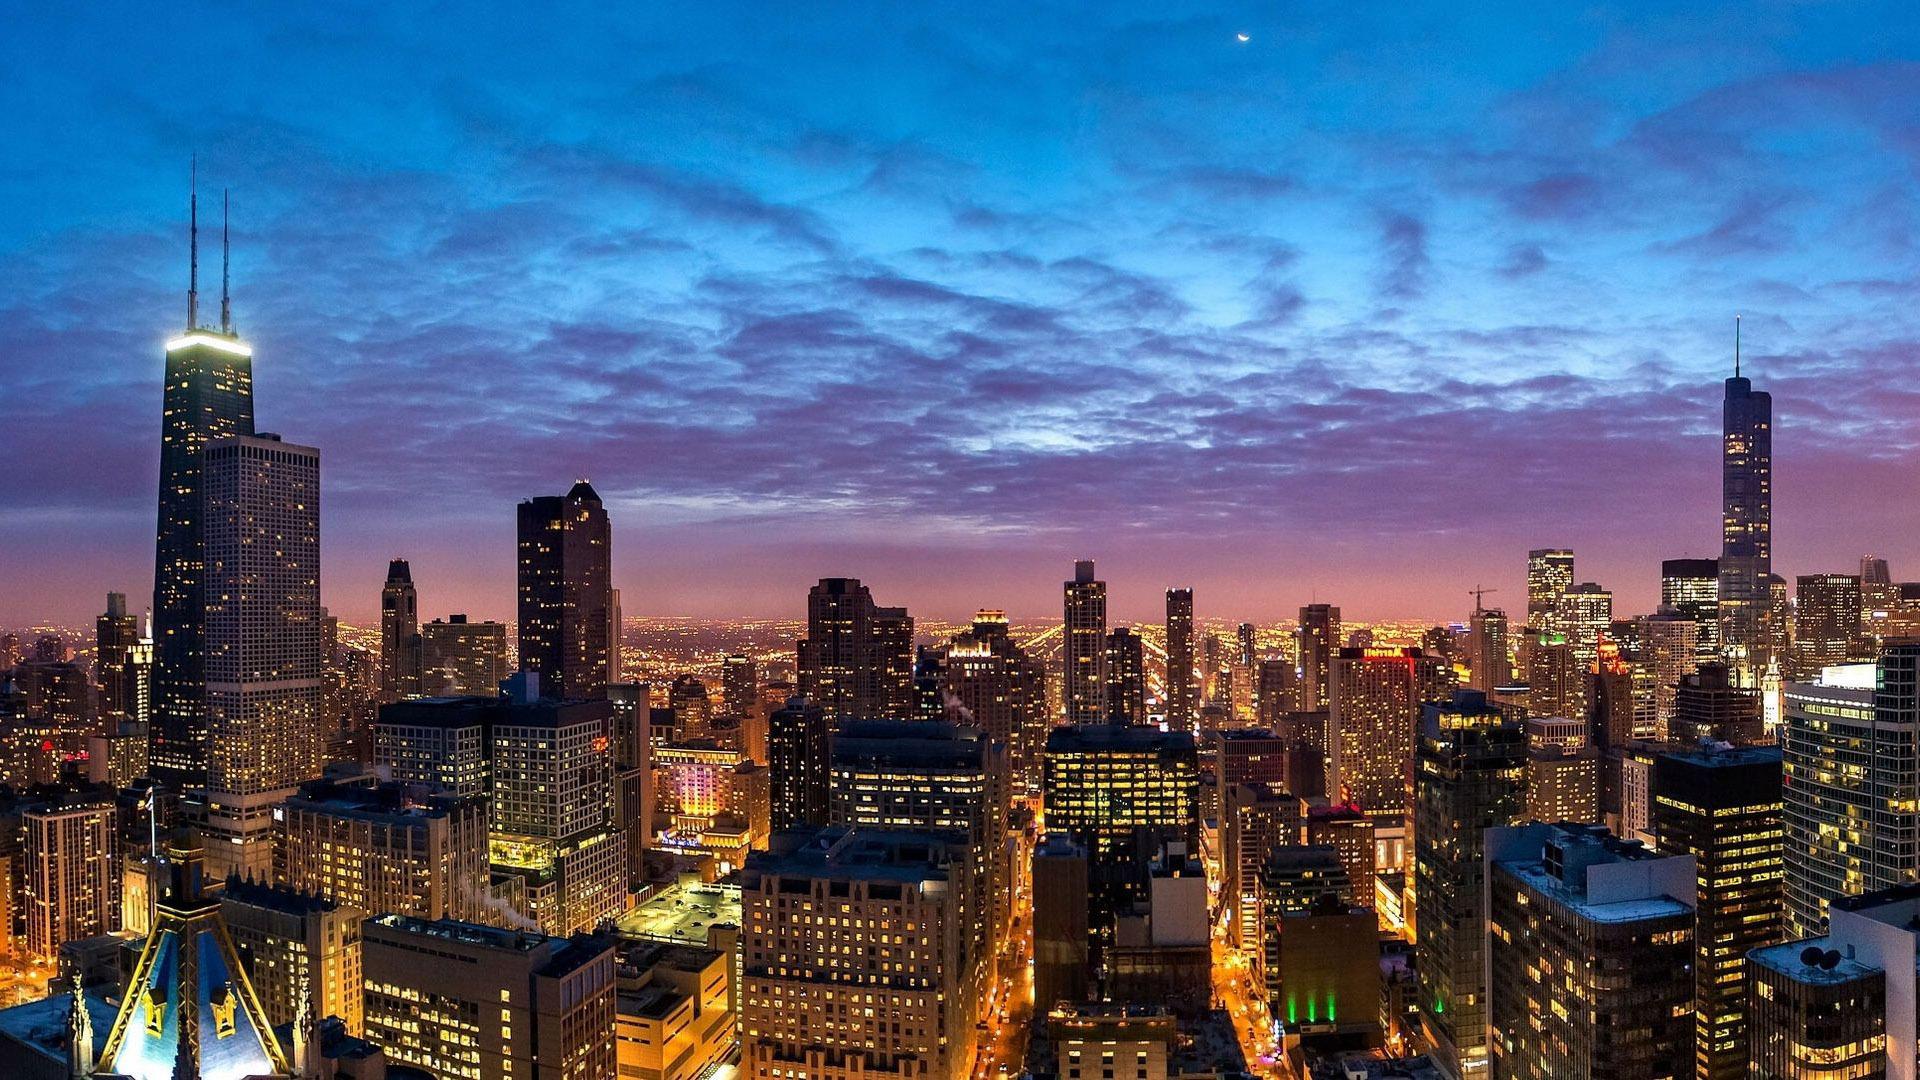 Chicago cityscape wallpaper   1206845 1920x1080